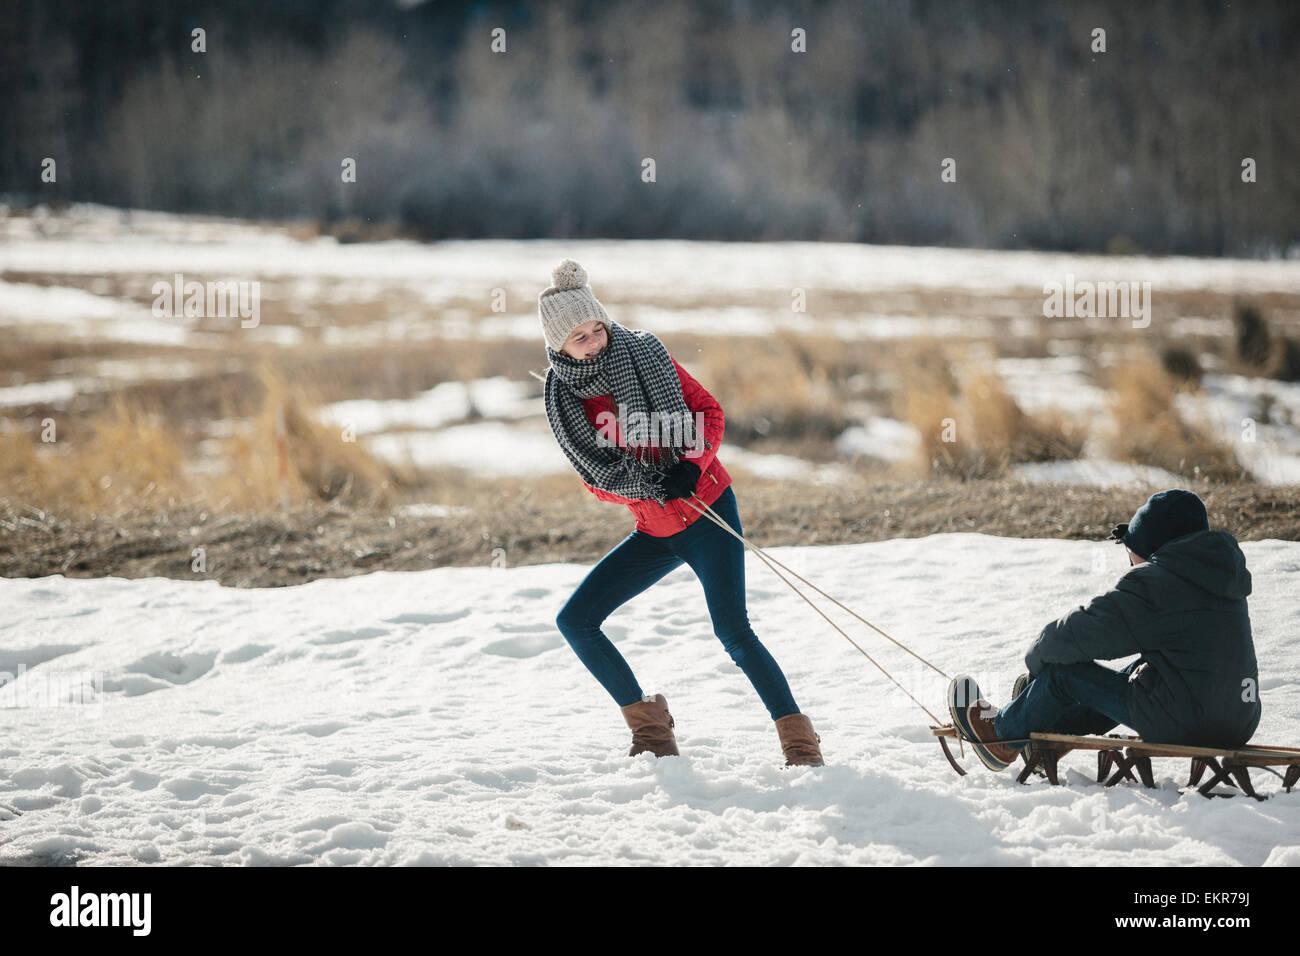 Un fratello e una sorella nella neve, uno tirando l'altro su di una slitta. Immagini Stock